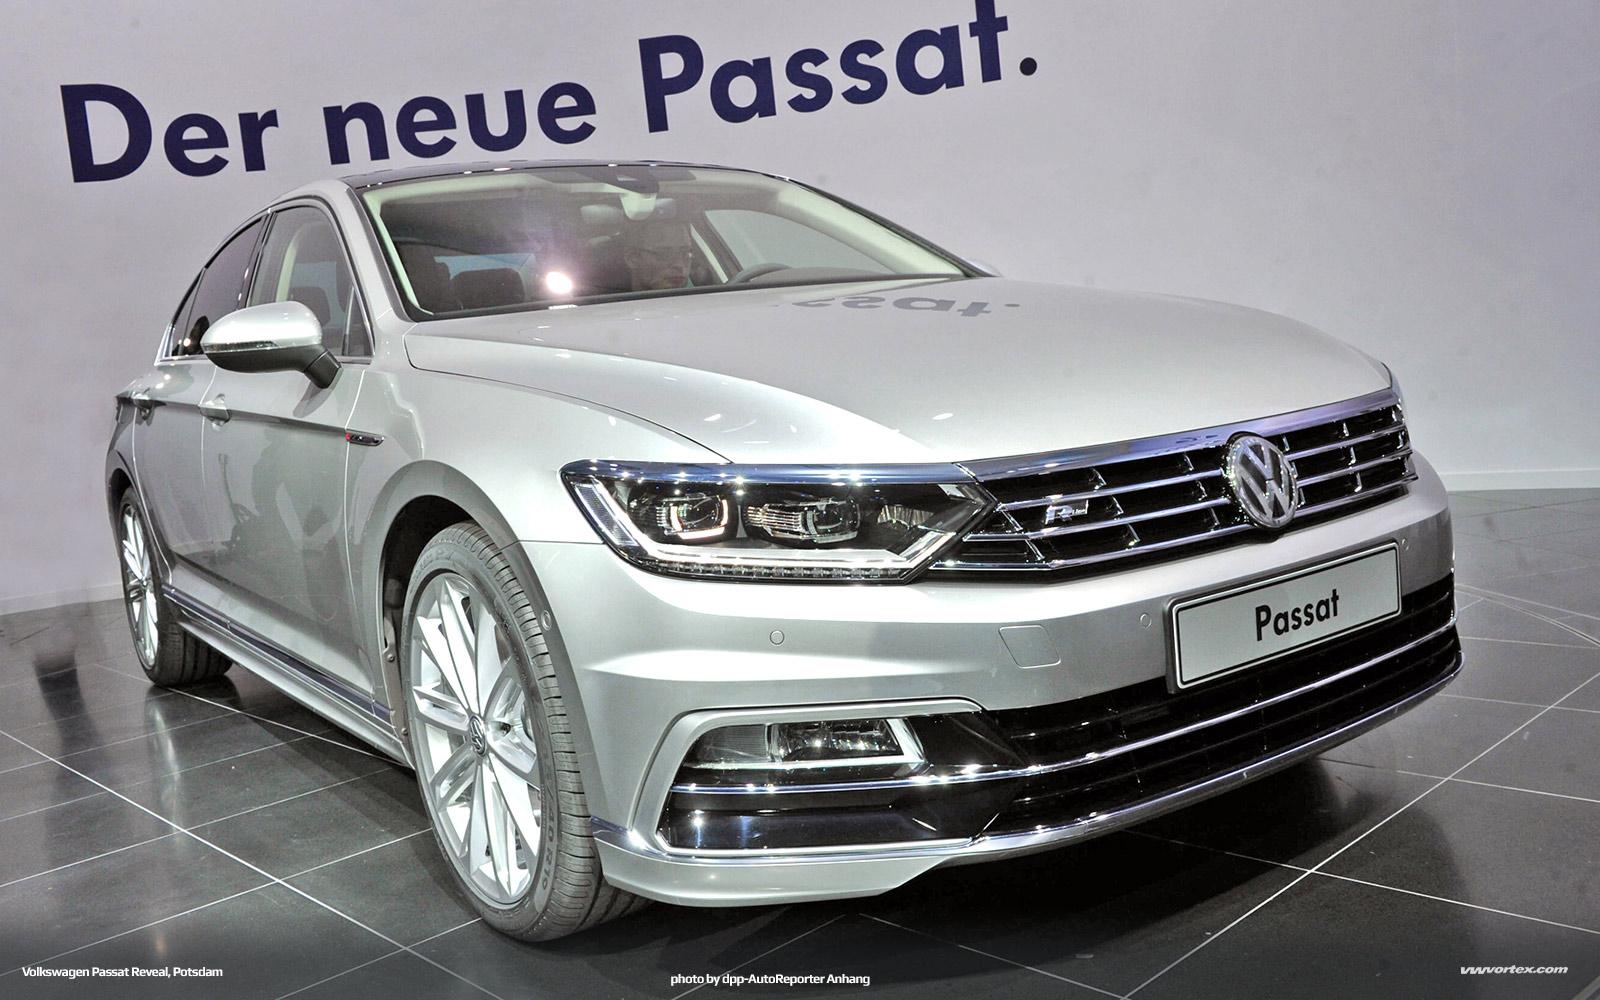 2014-Volkswagen-Passat-VIII-MQB-Reveal-Potsdam-652